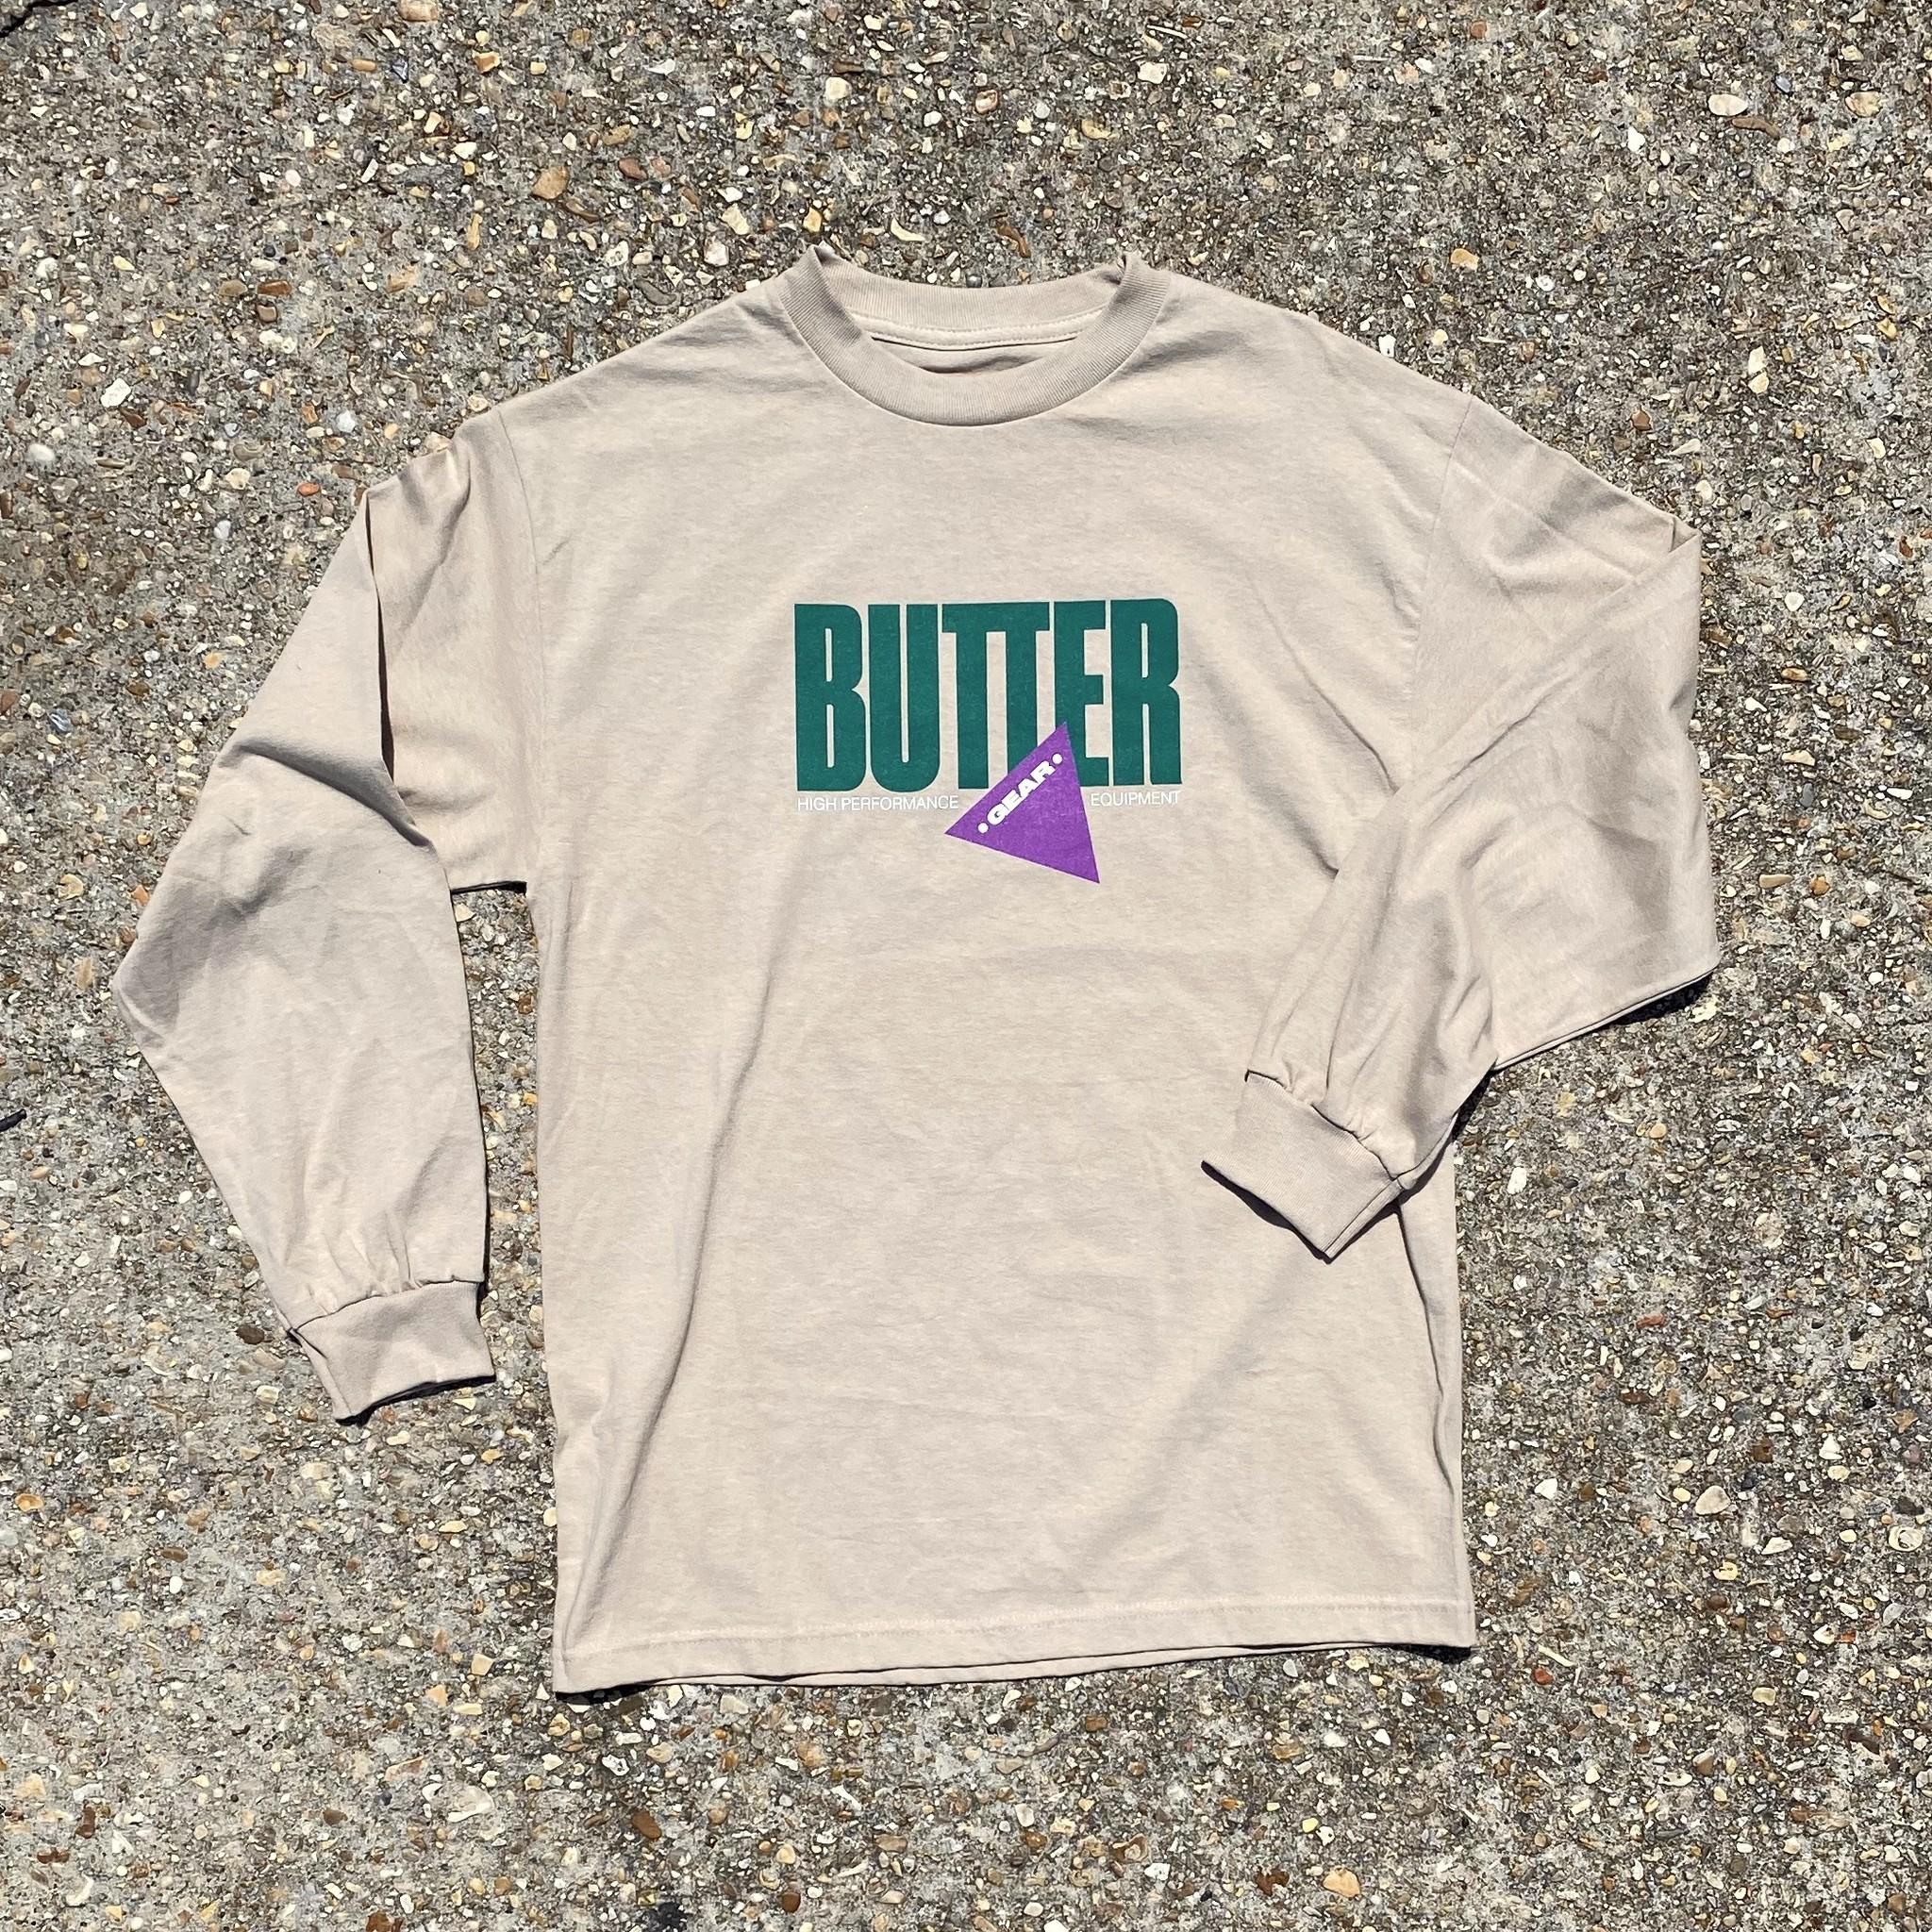 Butter Goods Butter Goods Gear L/S Tee